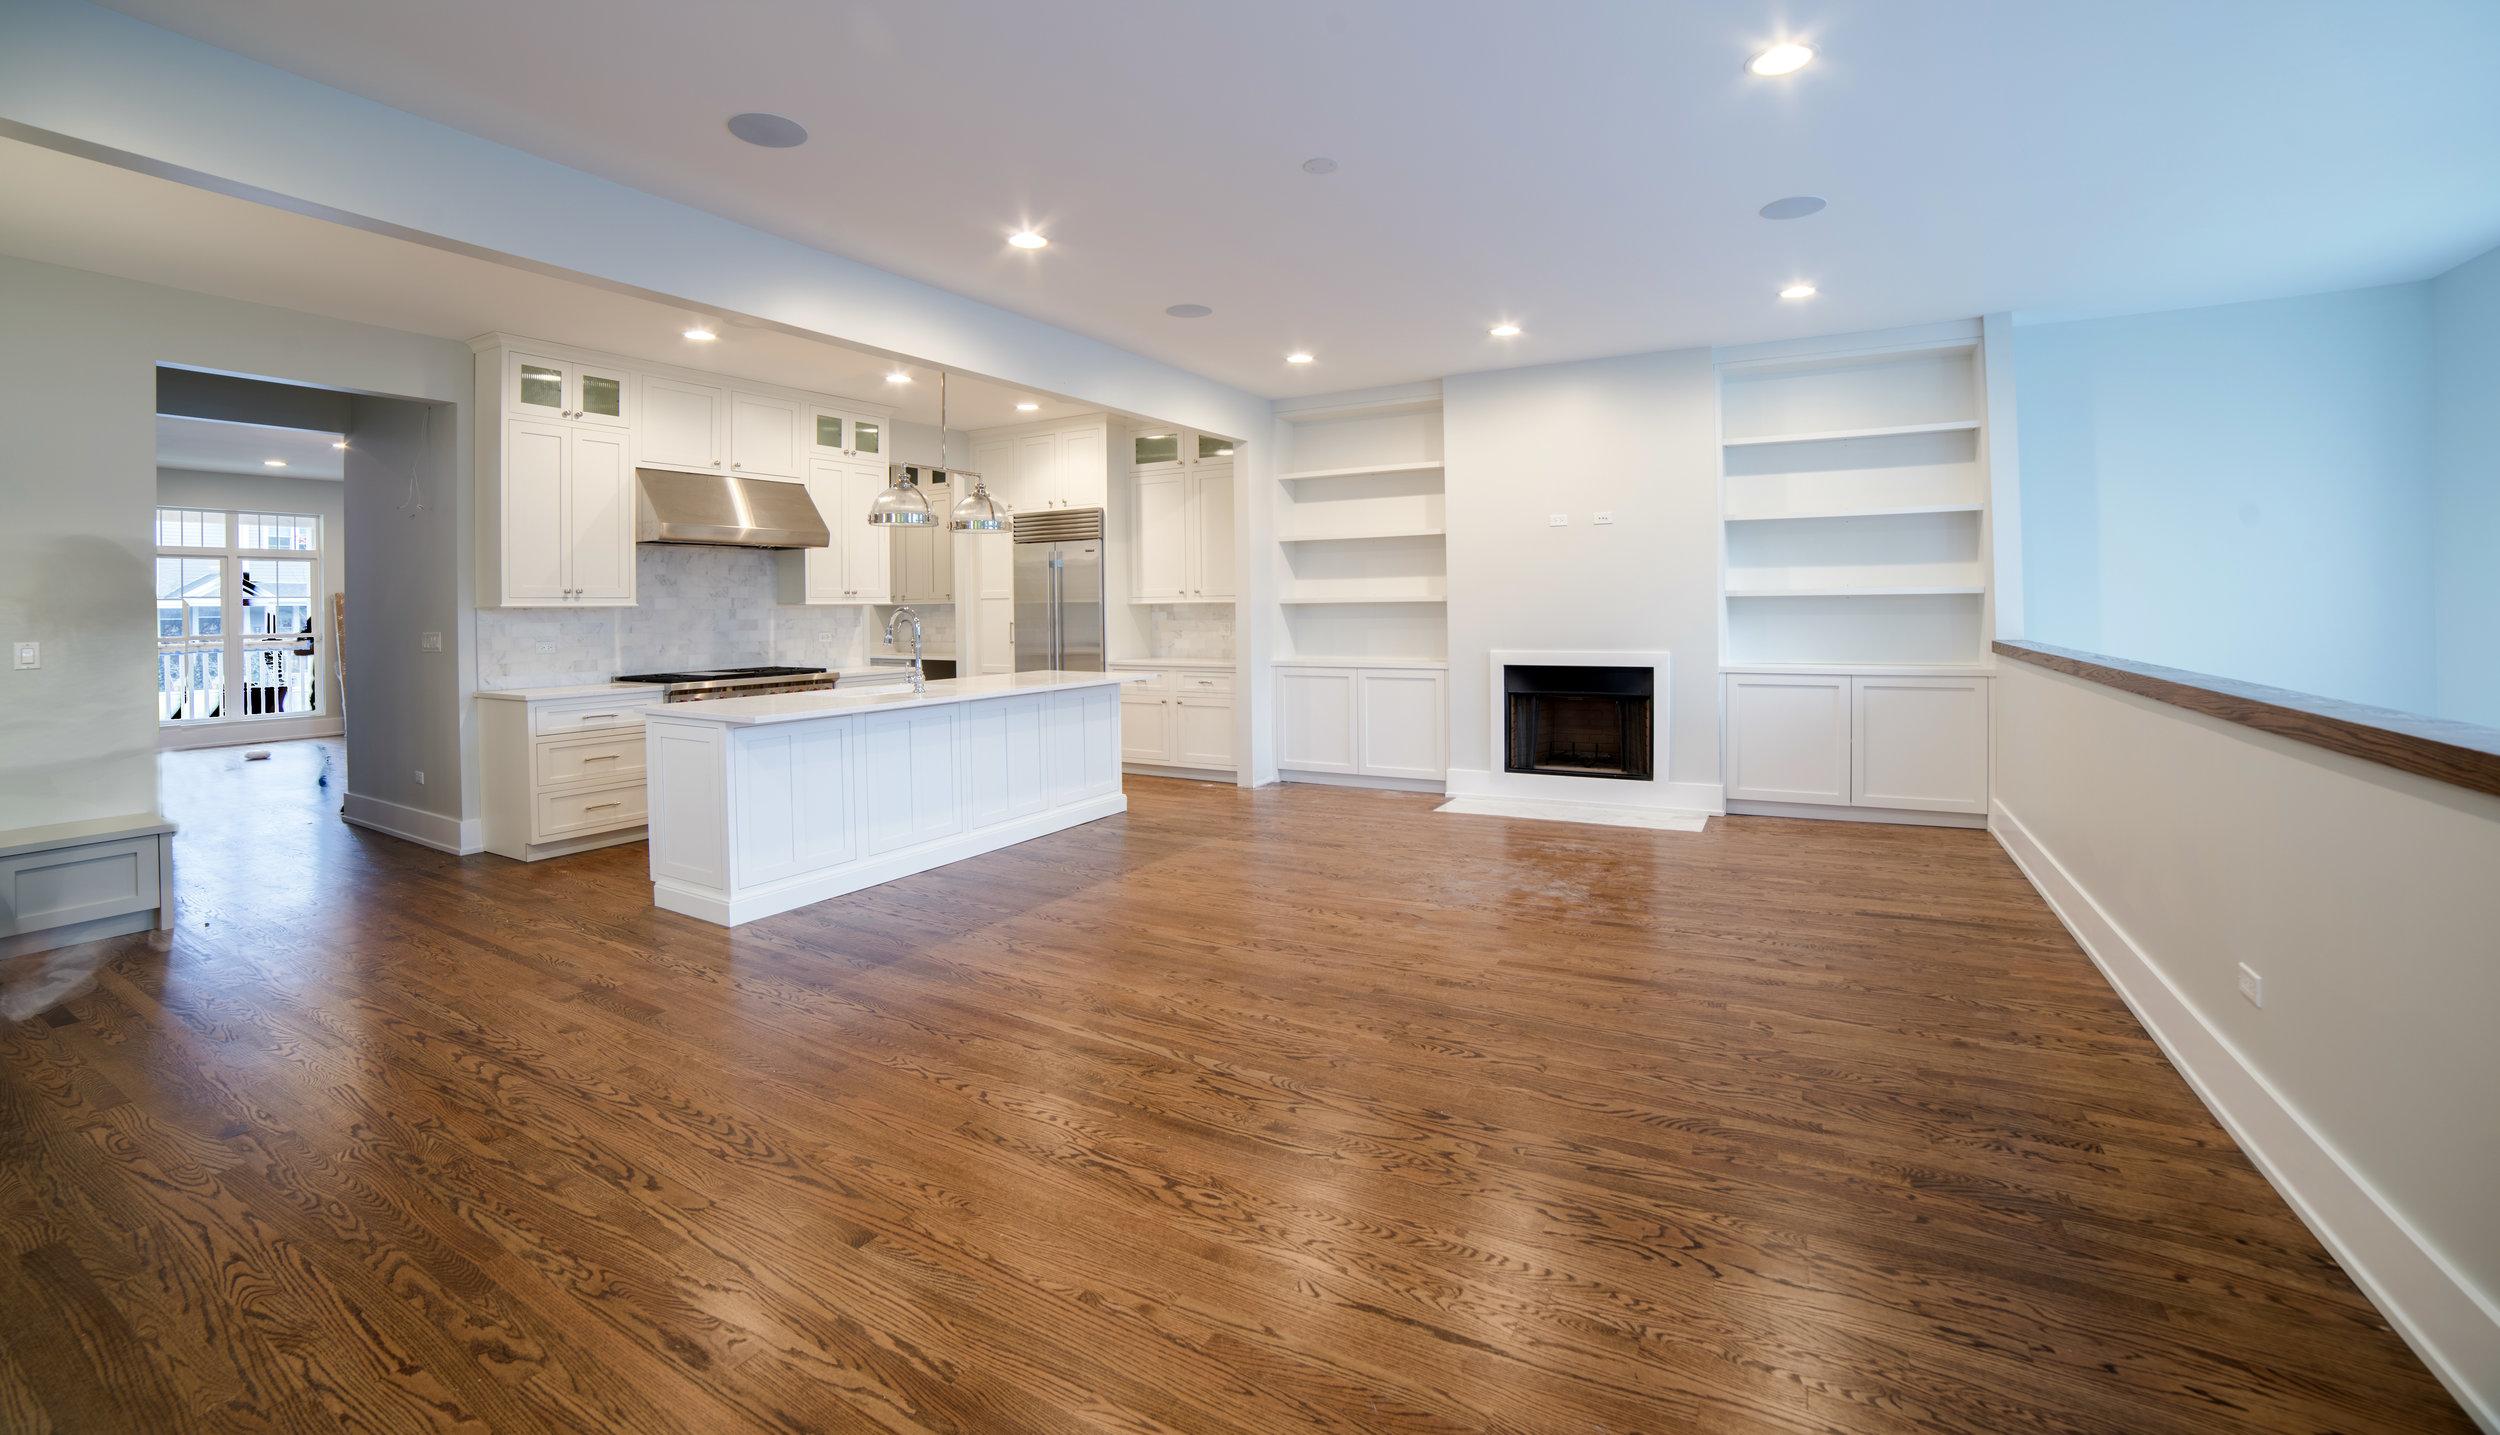 Farragut_Living Room.JPG